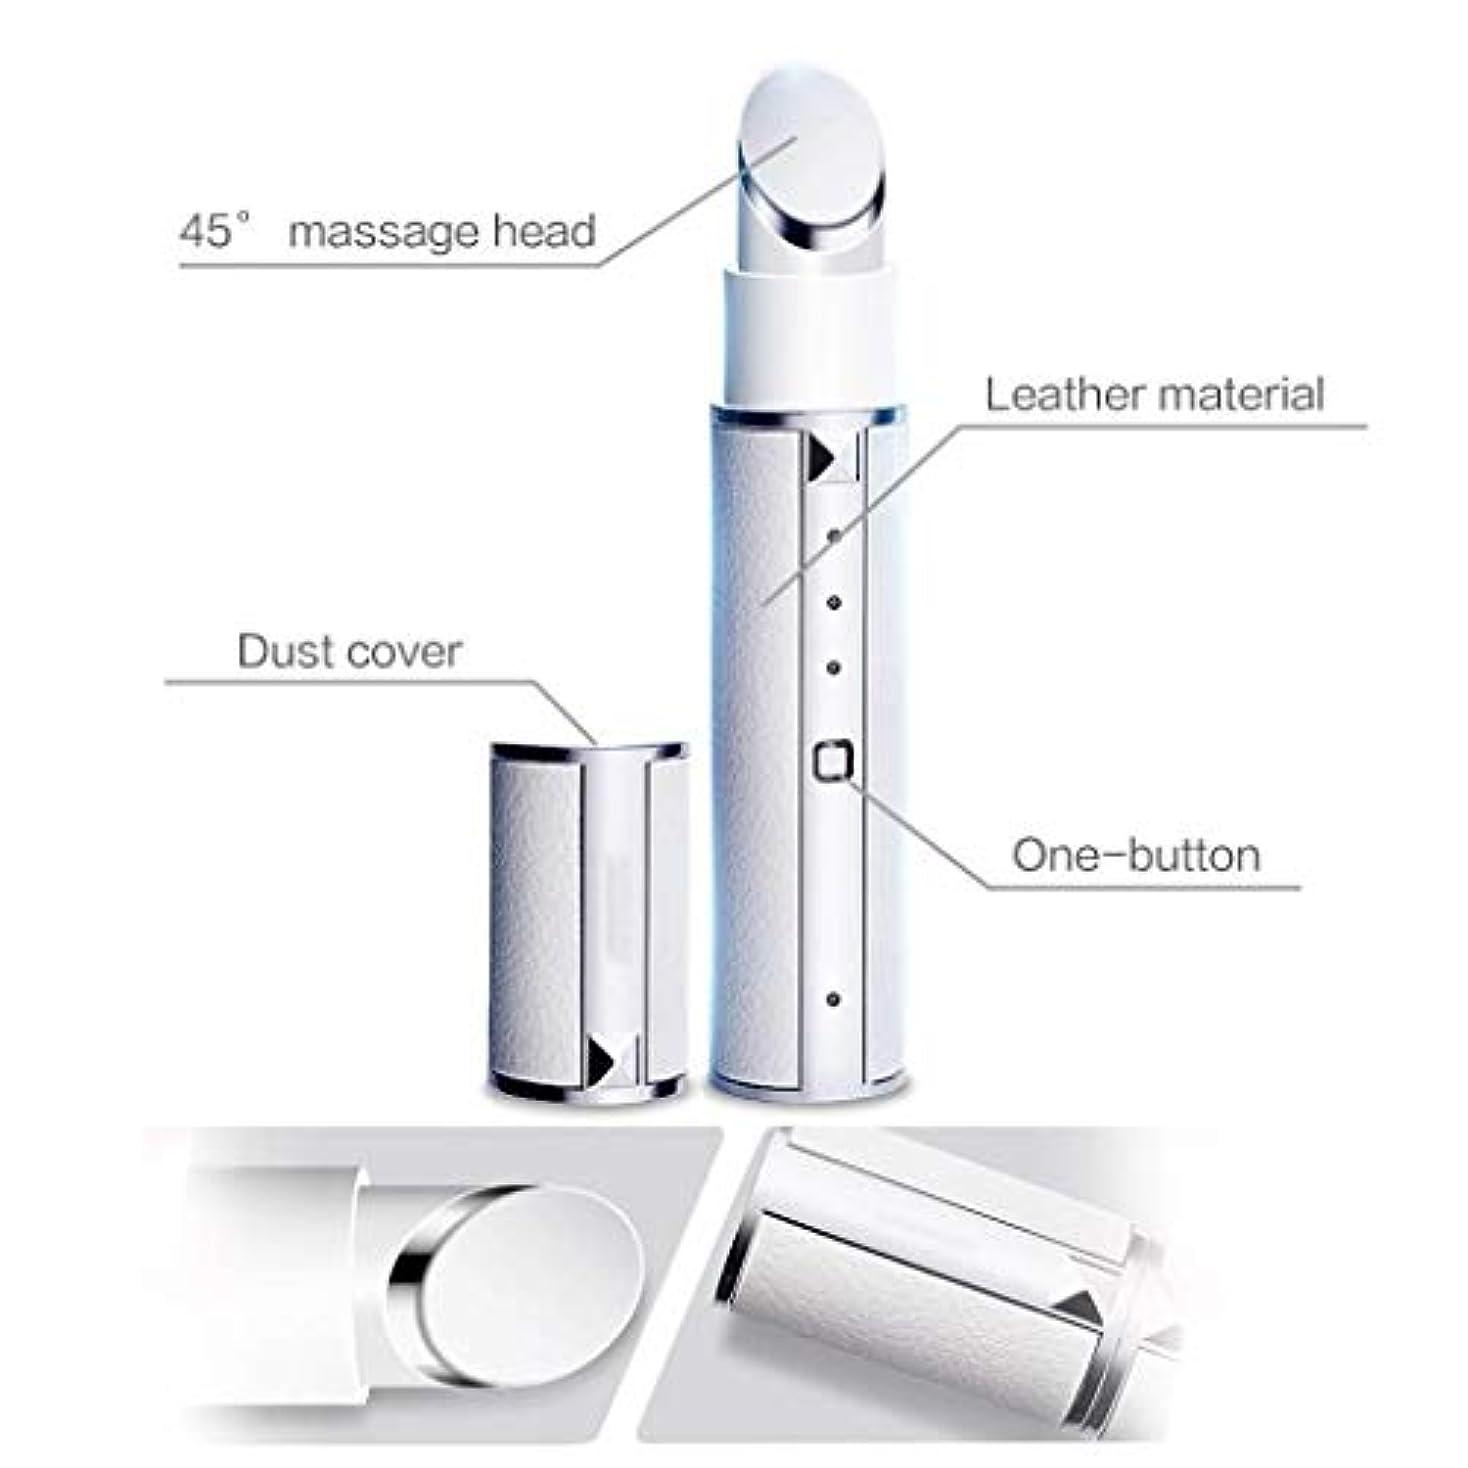 とても刈り取る文字通りマッサージャー、42℃恒温電気アイマッサージケアデバイス、顔の健康と美容ツール、顔に適して、額、首のリフト、しっかりした肌、しわを減らす、持ち運びが簡単